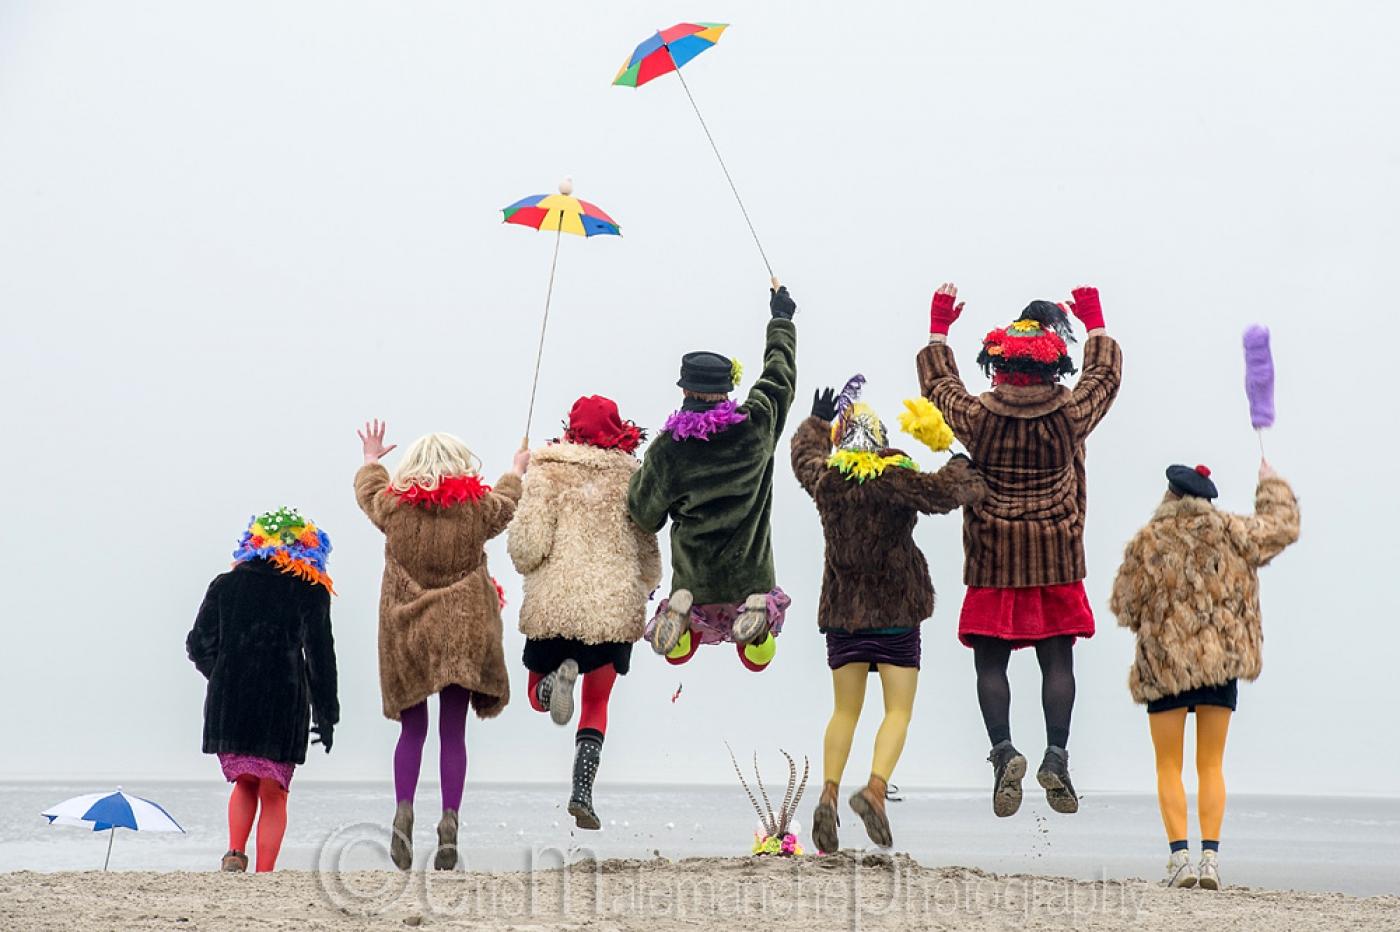 https://www.ericmalemanche.com/imagess/topics/carnaval-de-dunkerque/liste/Carnaval-Dunkerque-5738.jpg